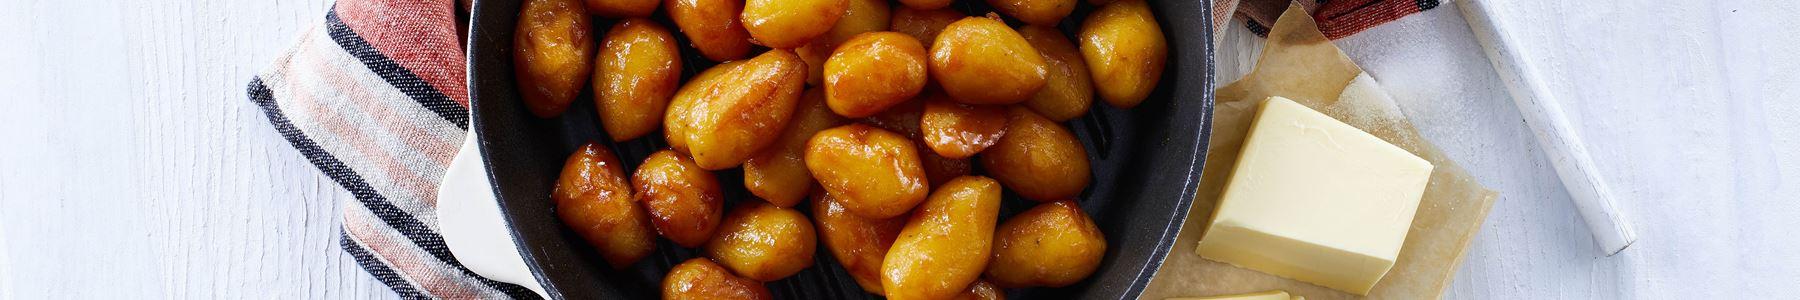 Opskrifter kartofler